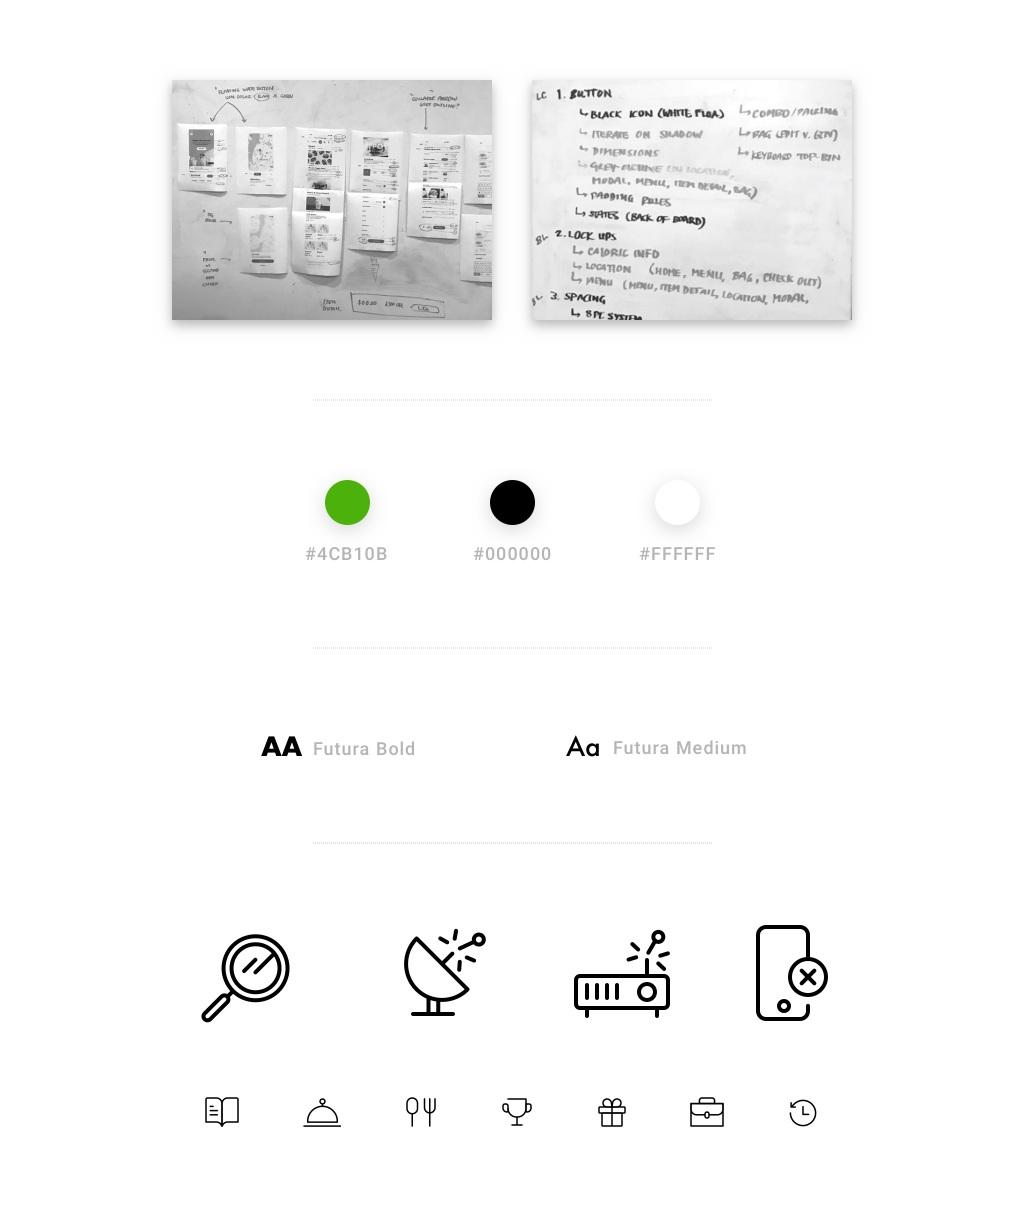 Shake Shack Mobile Ordering App Design System